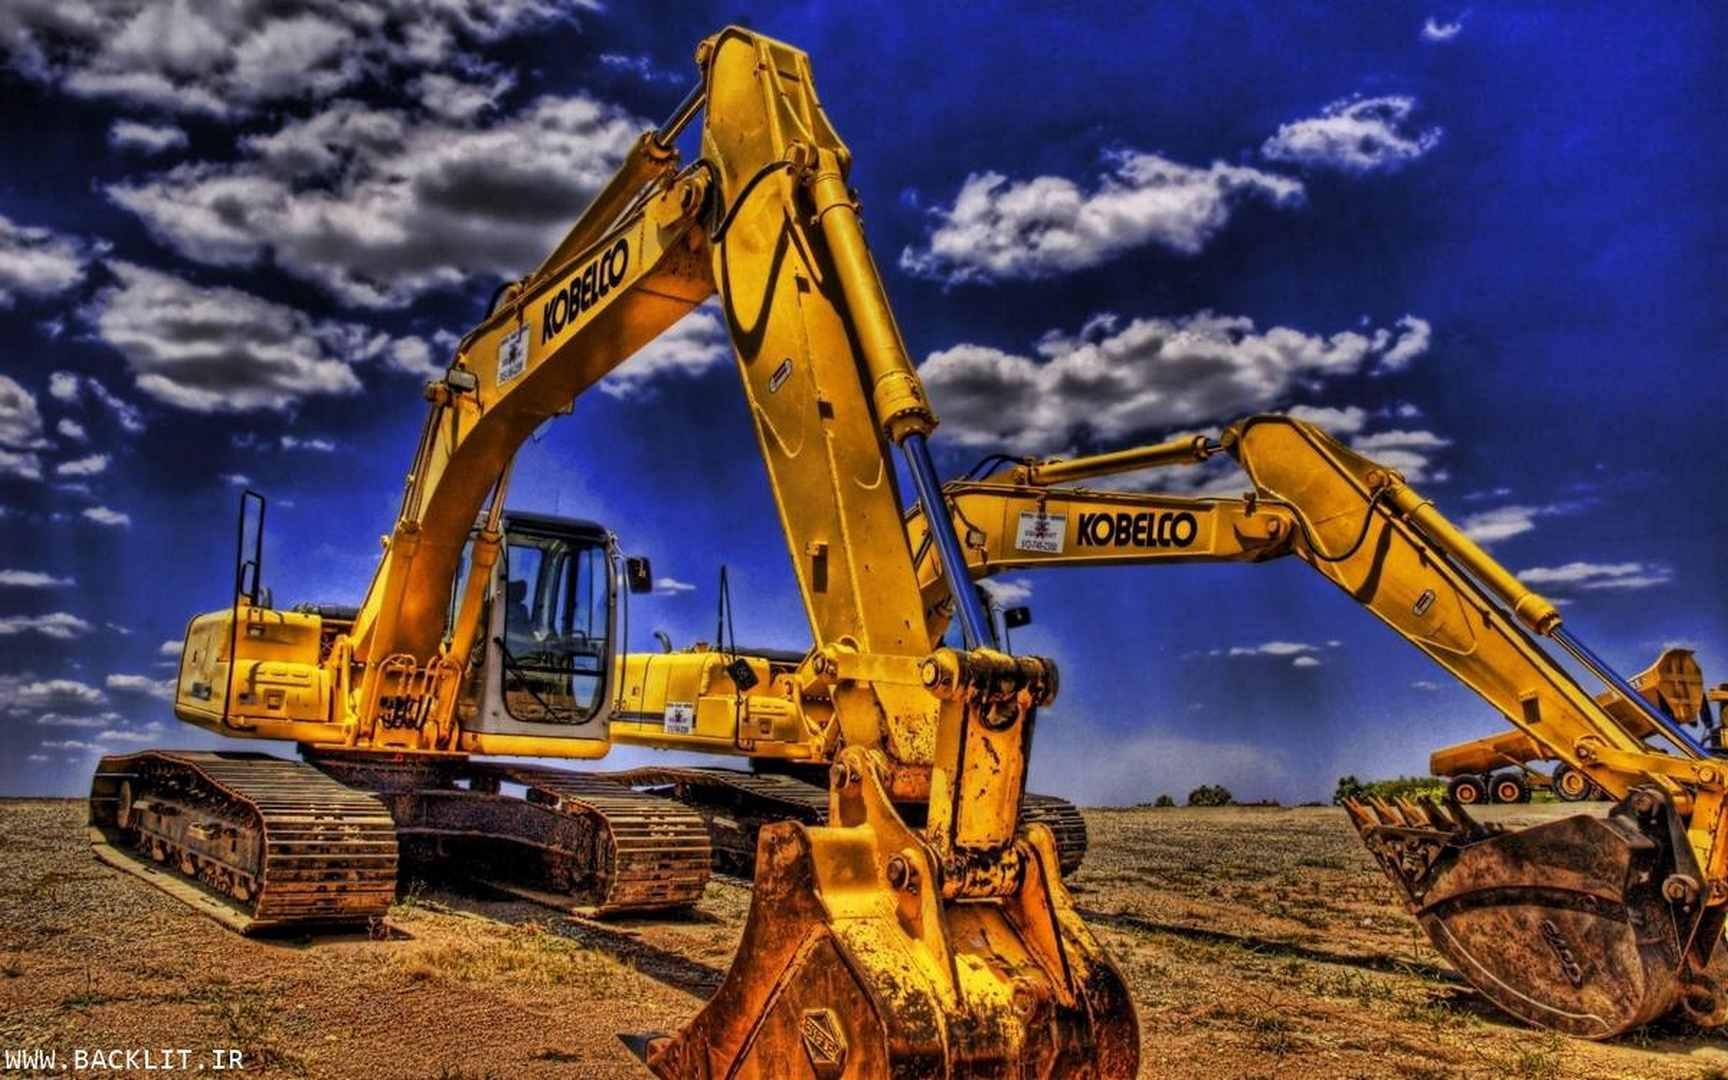 قاب ماشین آلات صنعتی 849